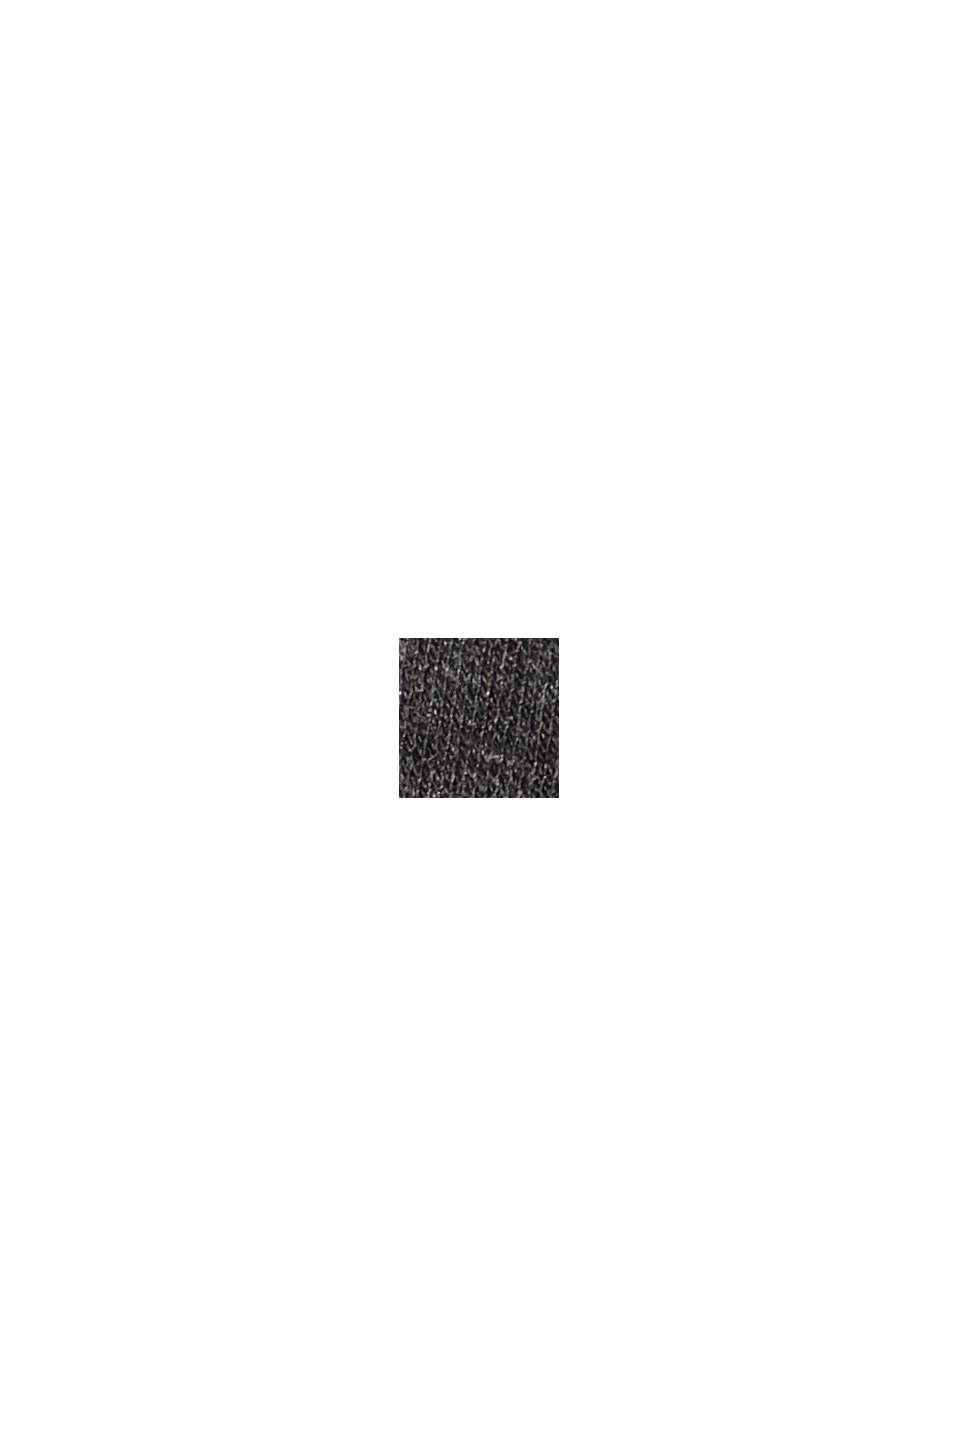 PINSTRIPE Mix + Match Żakiet w dresowym stylu, ANTHRACITE, swatch